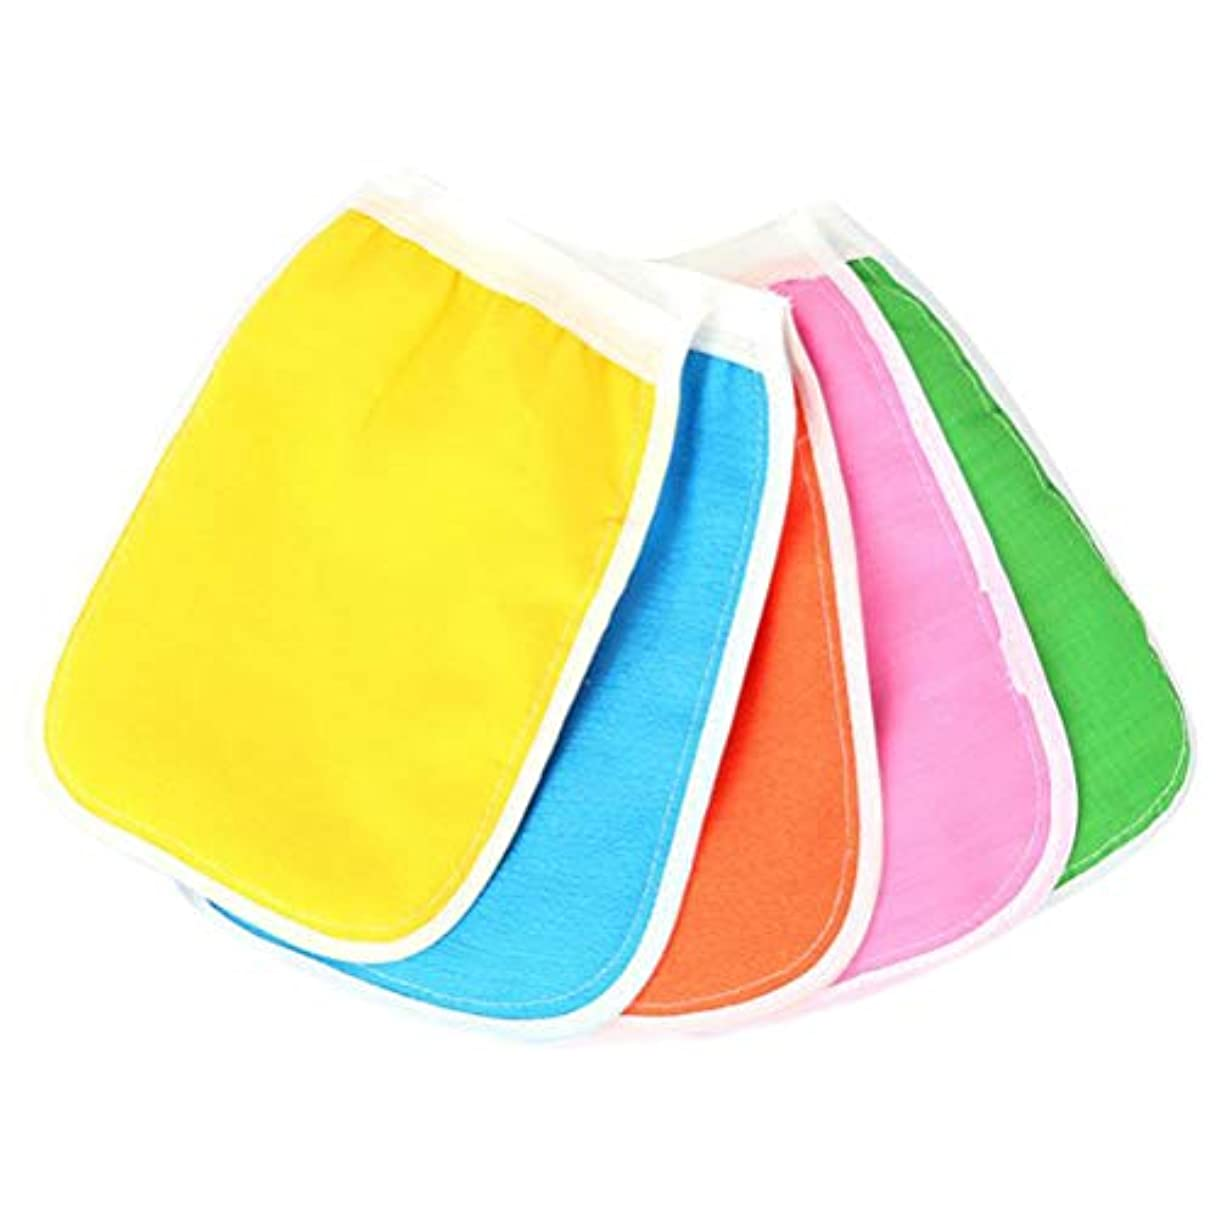 あらゆる種類の寝具本質的ではないHEALIFTY ボディスクラブミトン手袋入浴シャワースパ用クレンジングツール(混色)のための5本の剥離手袋